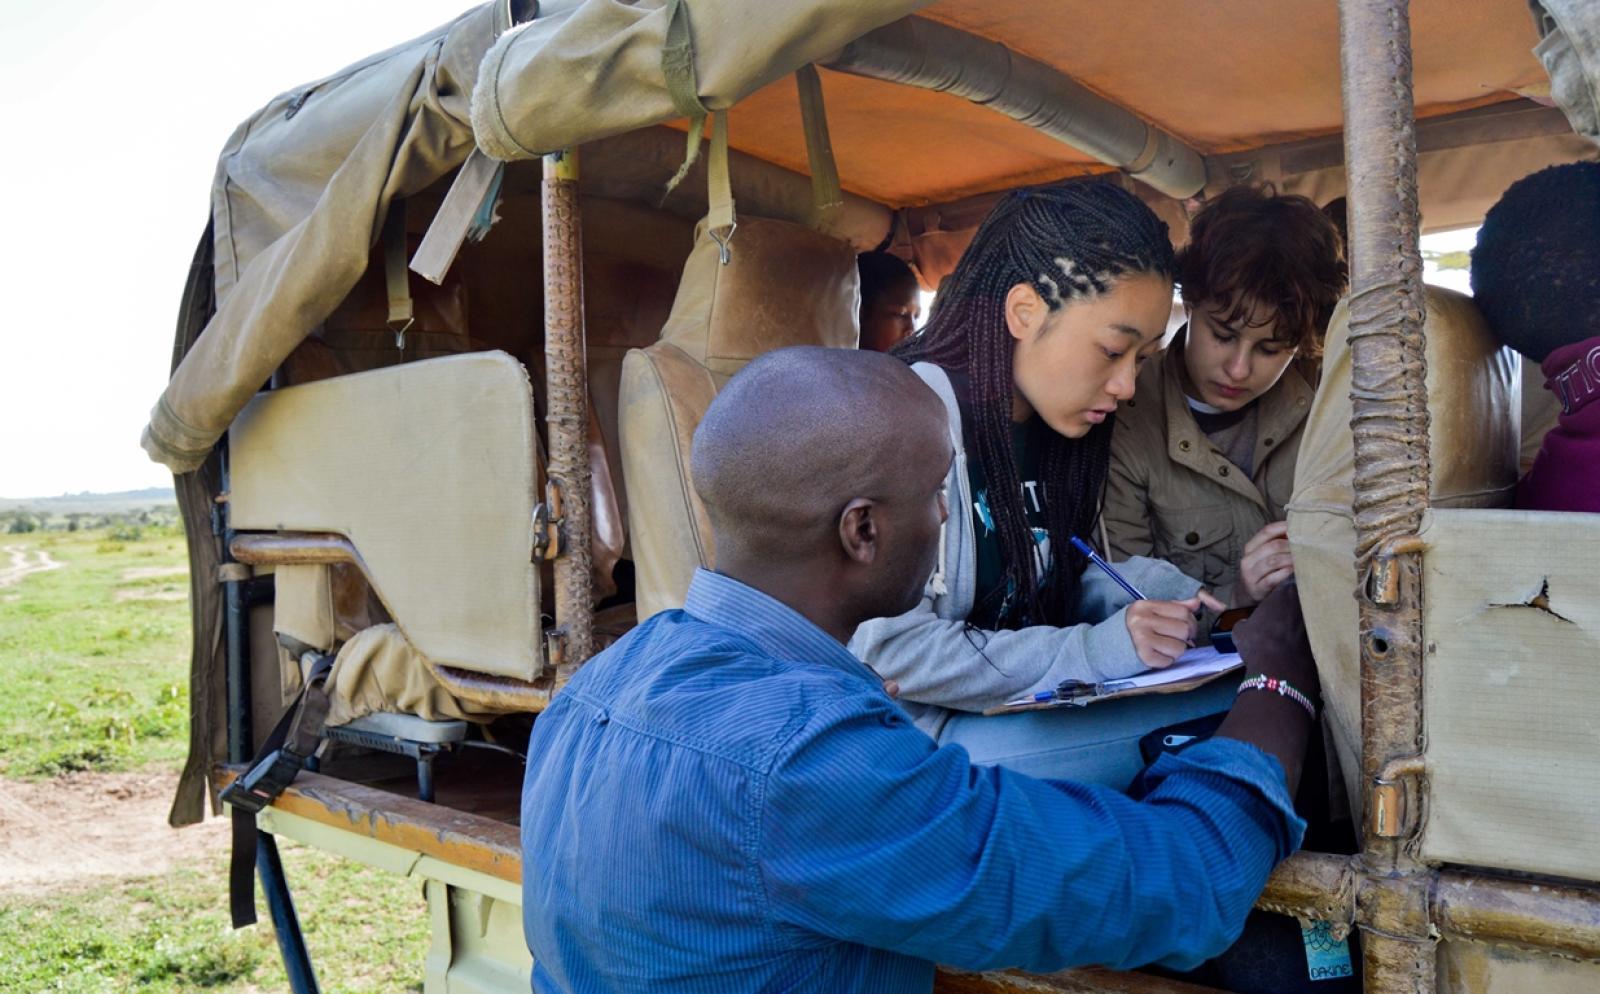 ケニアの大地で生態系調査に貢献する日本人ボランティアと仲間たち